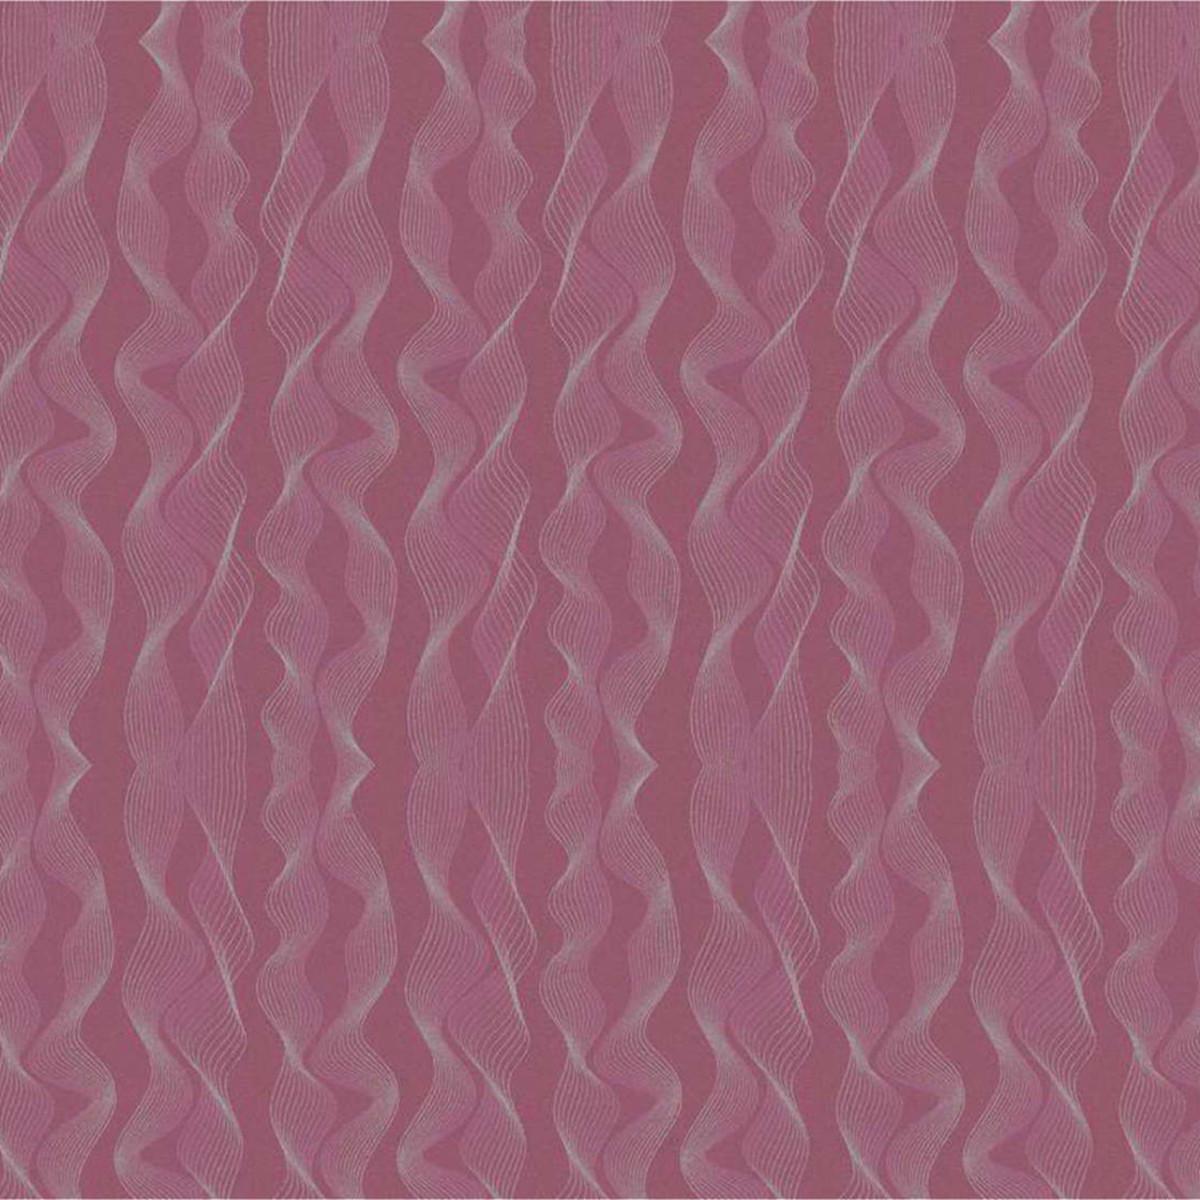 Обои флизелиновые Marburg Karim Rashid Globalove розовые 0.70 м 55008